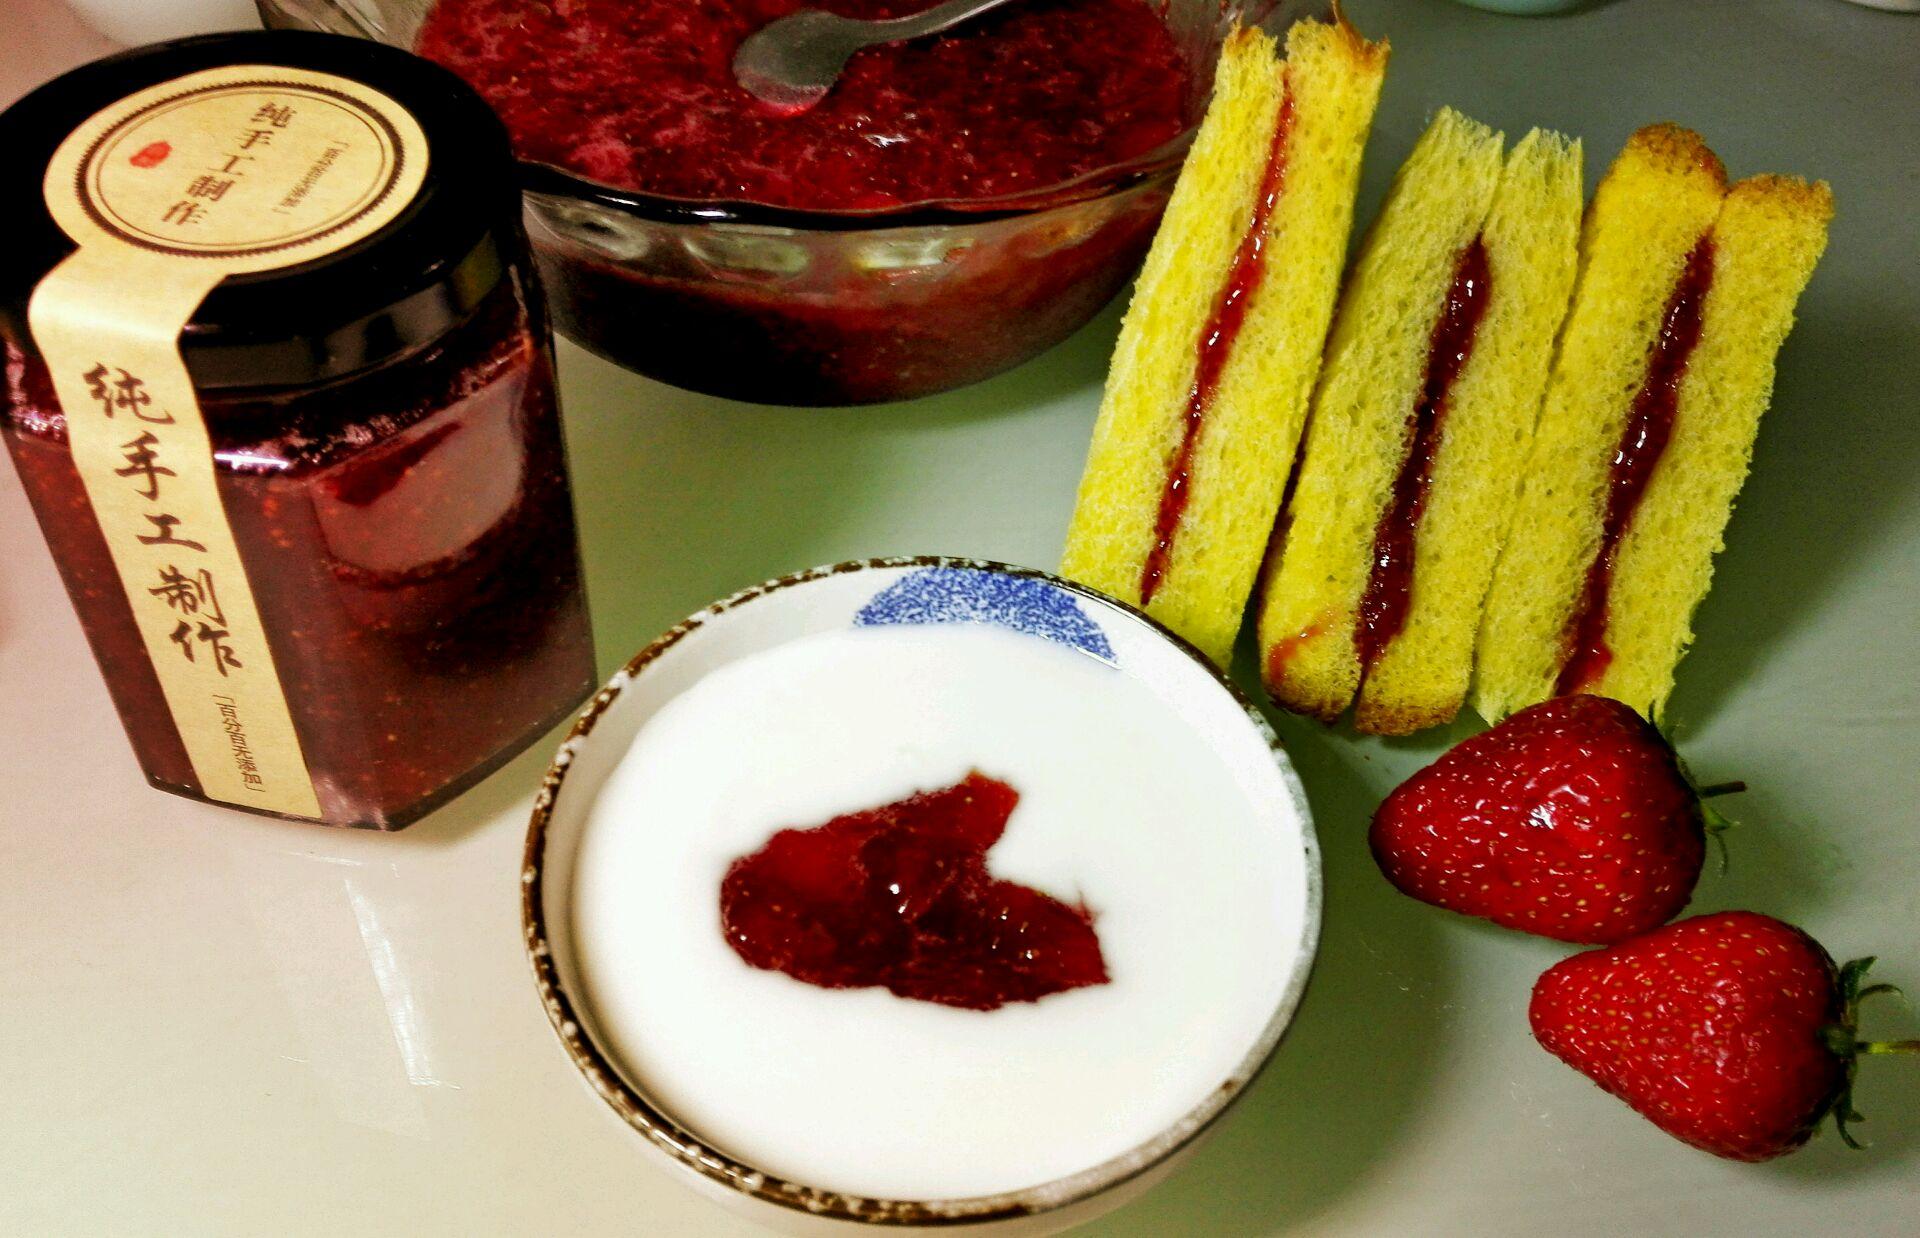 绵白糖360克 纯手工制作草莓酱的做法步骤        本菜谱的做法由 周